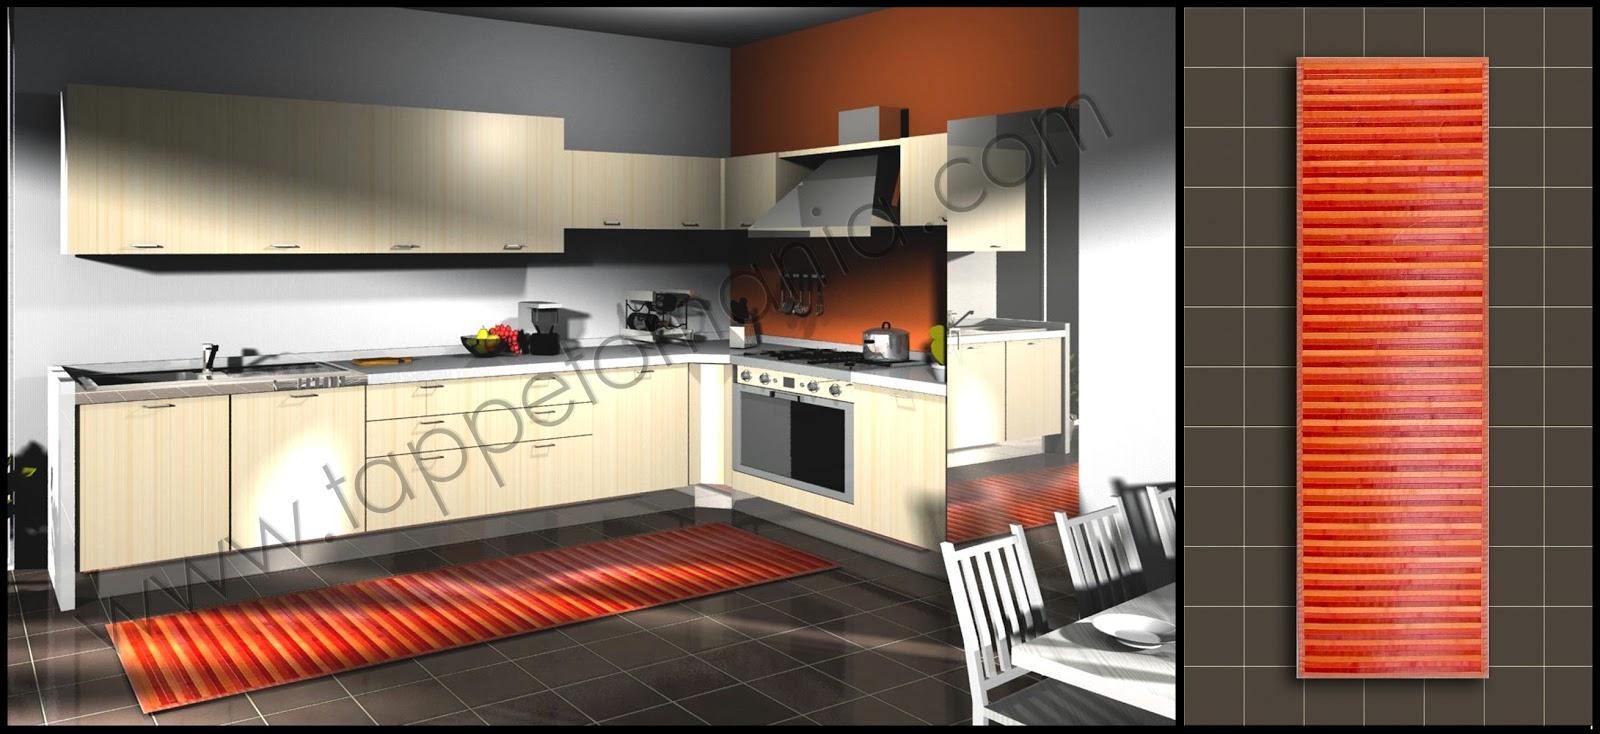 Disegno » Armadio Cucina Richiudibile - Ispirazioni Design dell ...